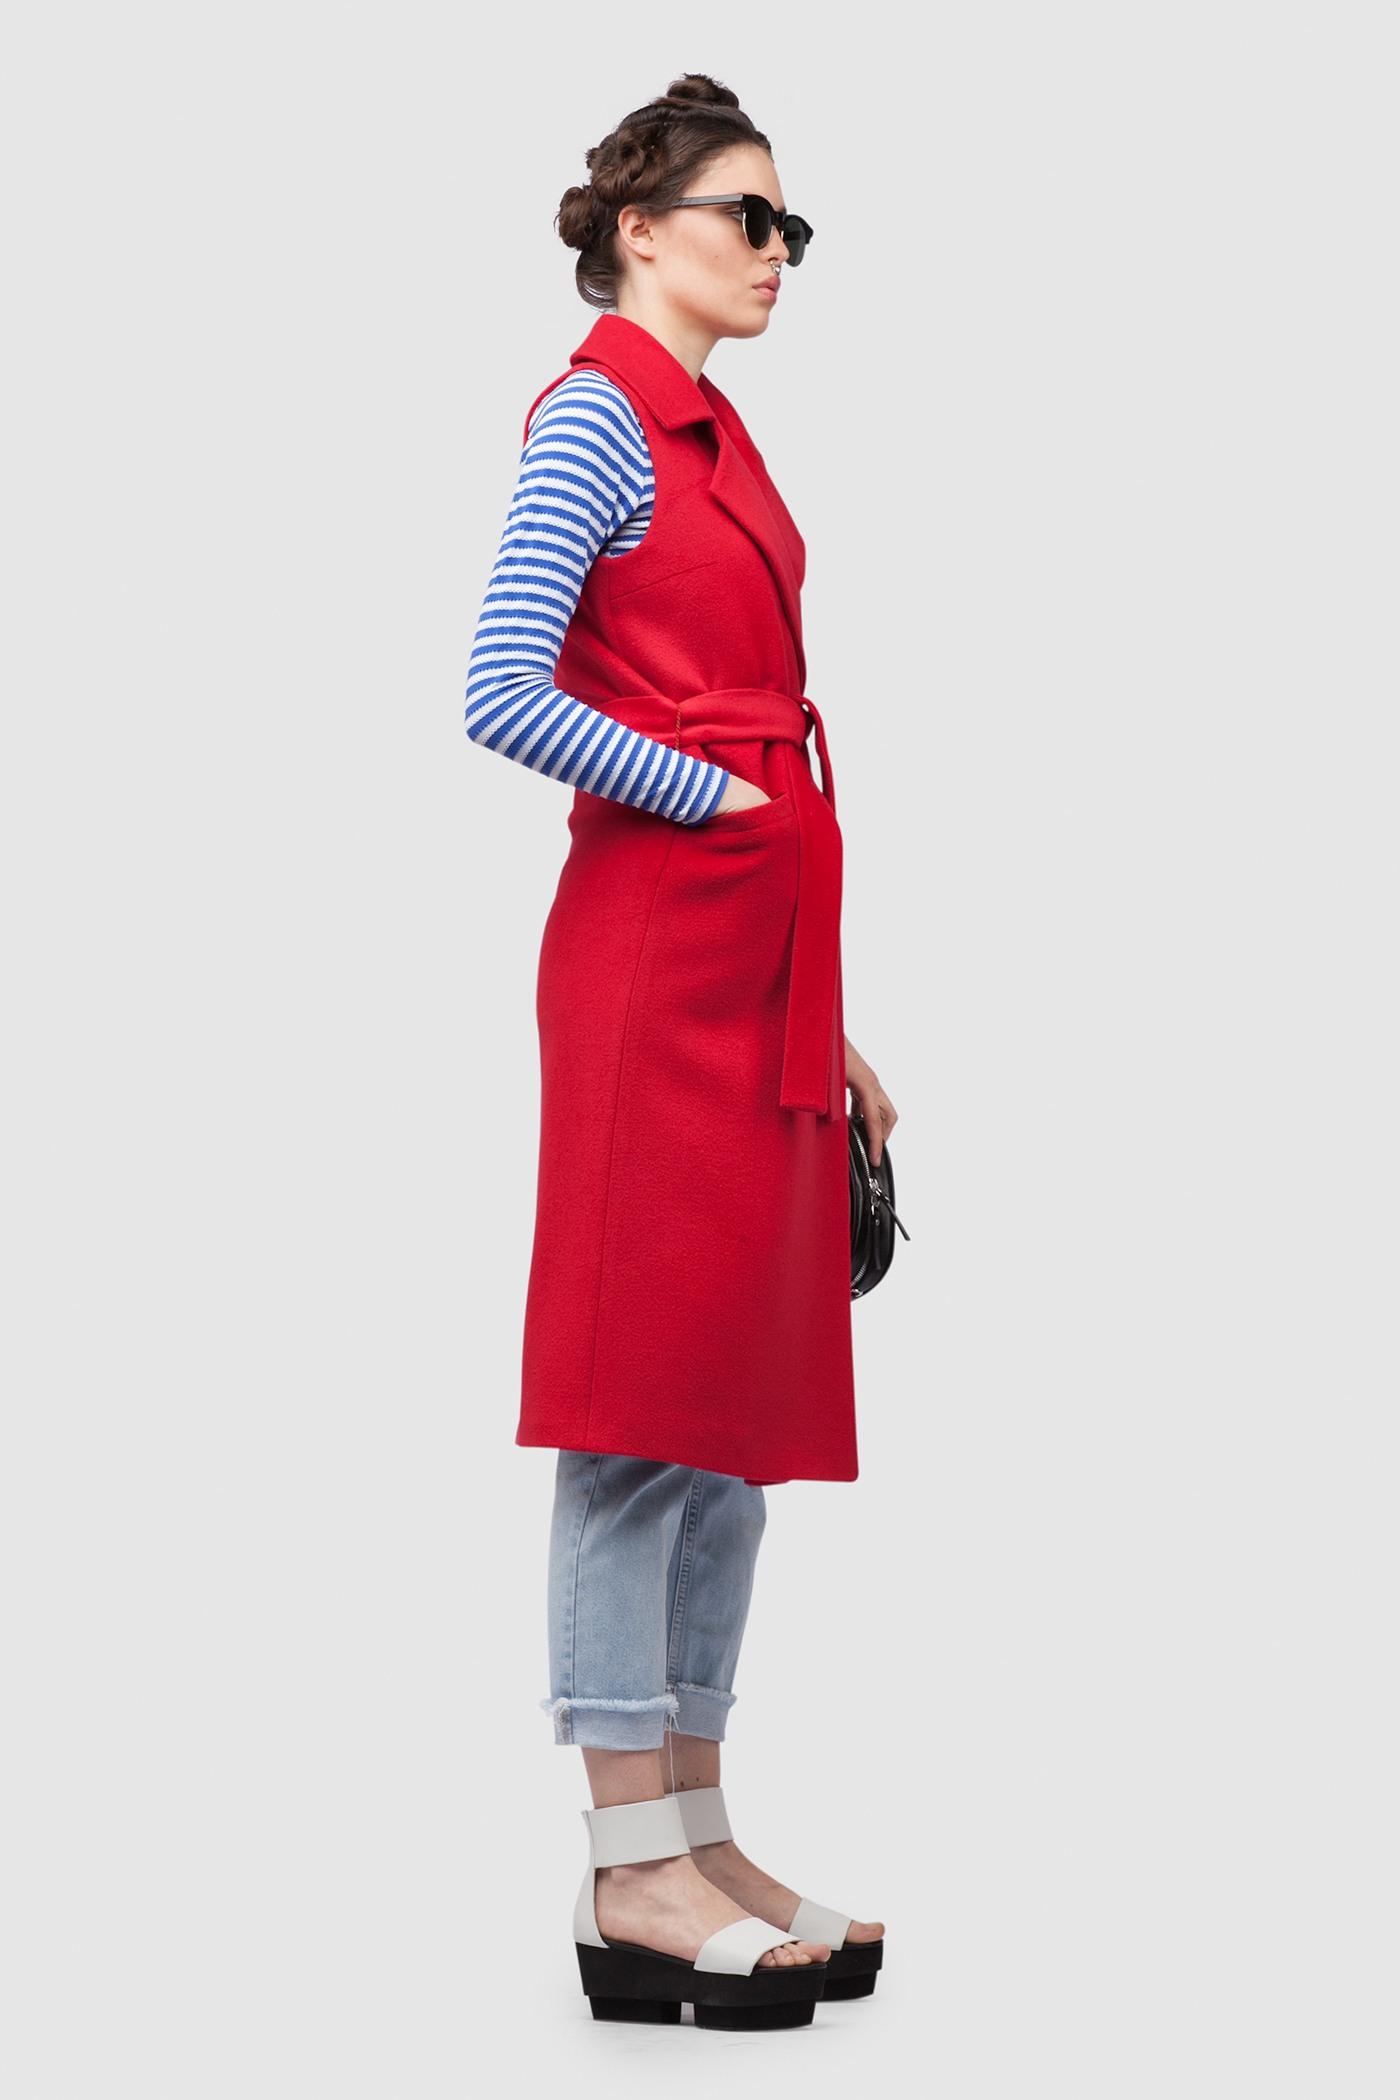 ЖилетТеплый удлиненный жилет с английским воротником&#13;<br>&#13;<br>Жилет прилегающего силуэта с наклонными карманами без застежки фиксируется тканным поясом. Благодаря классическому крою и английскому воротнику модель подходит для девушек с большой грудью.&#13;<br>&#13;<br>&#13;<br>рекомендуемая сезонность: демисезон, лето&#13;<br>&#13;<br>прямой крой с плотной посадкой на фигуре&#13;<br>&#13;<br>внутренний карман для телефона&#13;<br>&#13;<br>одинаково хорошо сочетается с разным стилем одежды&#13;<br>&#13;<br>тканный пояс-кушак&#13;<br>&#13;<br>длина изделия 108 см в ростовке 164-170 см., длина может изменятся в зависимости от размера и ростовки&#13;<br>&#13;<br>размер и другие нюансы уточняются при заказе, мы с вами связываемся по указному вами номеру телефона<br><br>Цвет: Красный<br>Размер: XXS, XS, S, M, L<br>Ростовка: 152 - 158, 158 -164, 164 -170, 170 -176, 176 -182